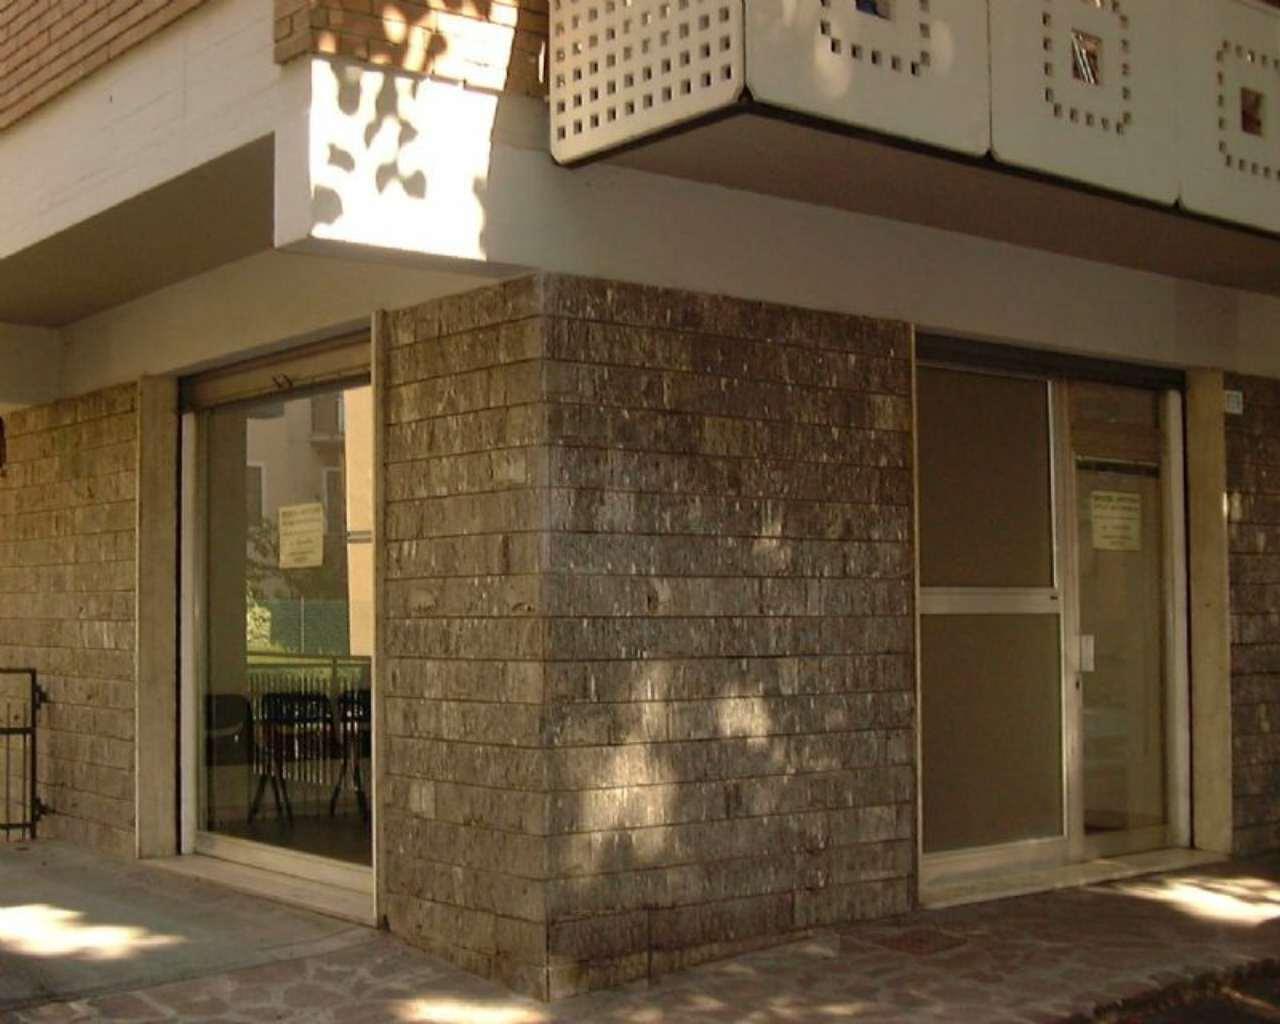 Negozio / Locale in vendita a Modena, 3 locali, Trattative riservate | Cambio Casa.it